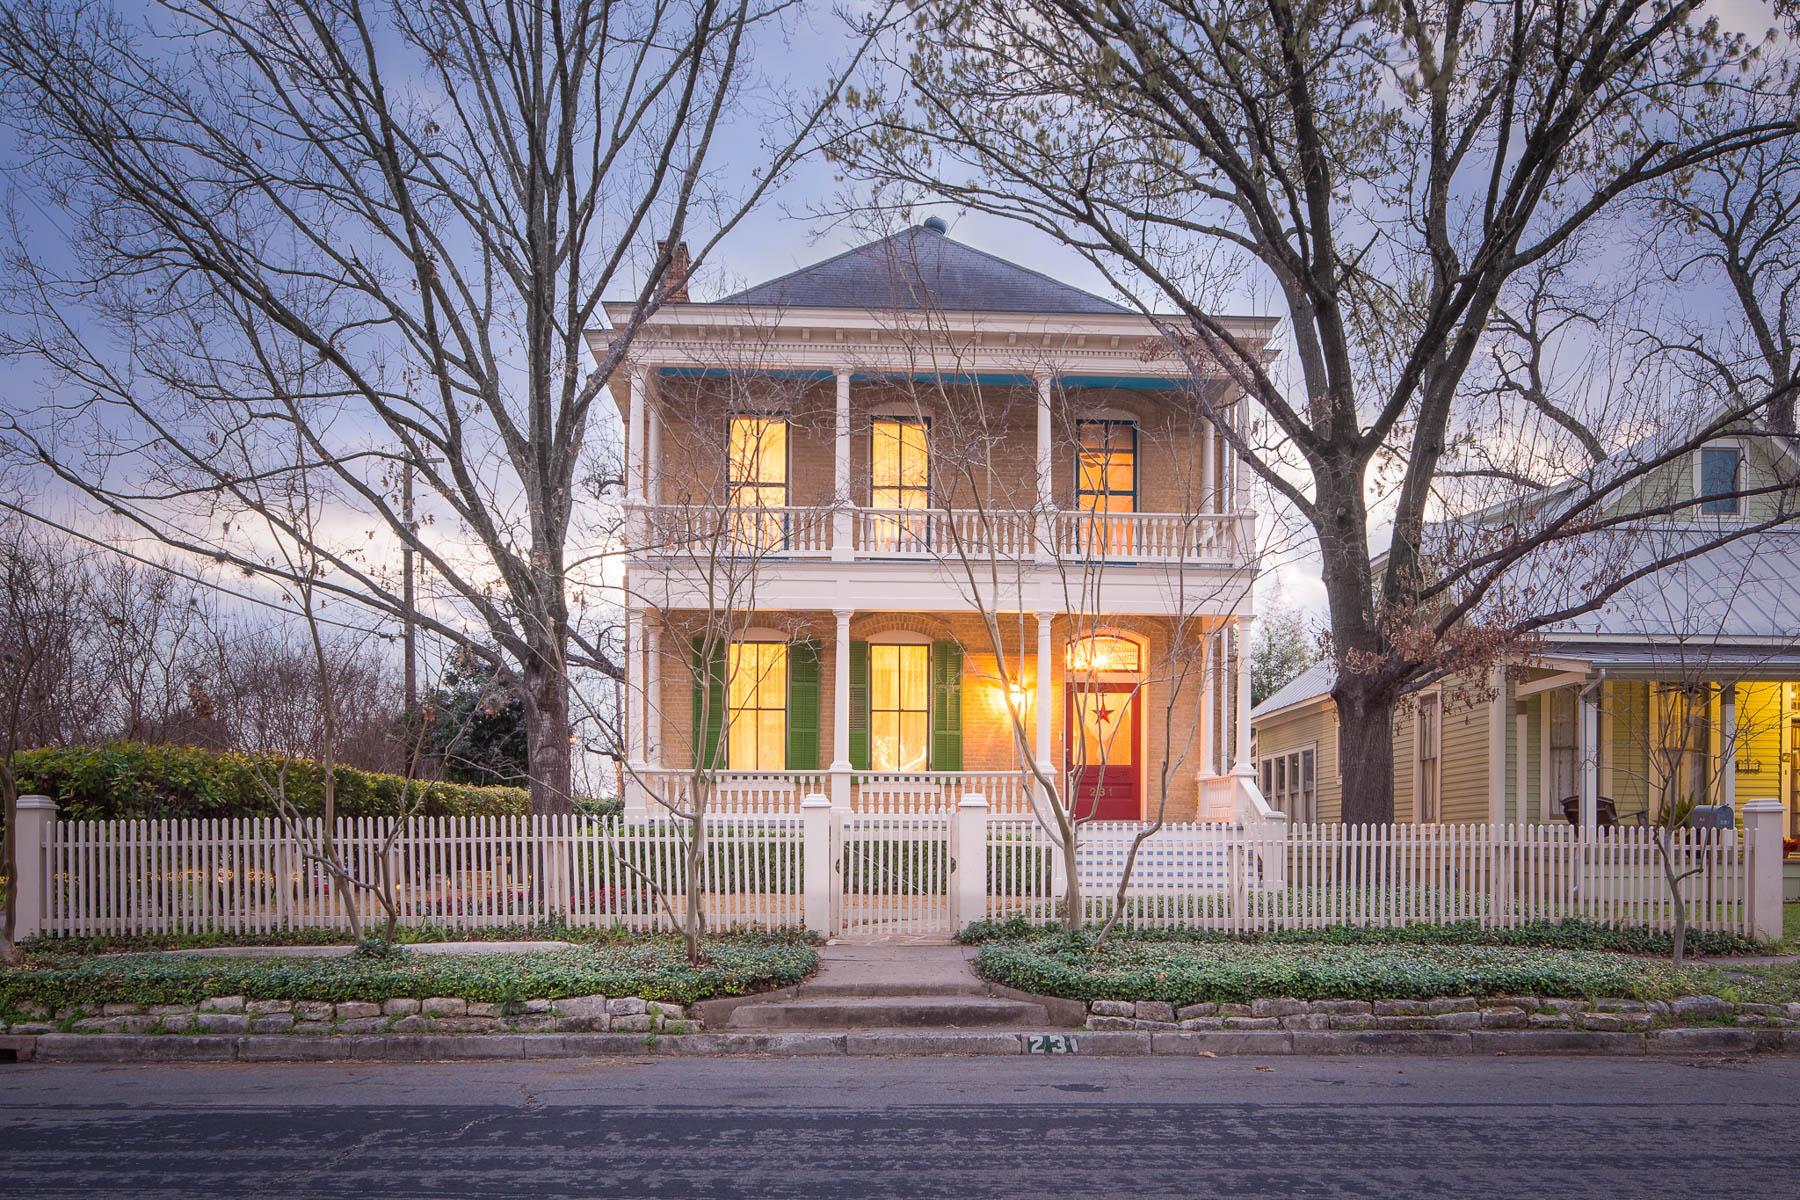 Maison unifamiliale pour l Vente à Piece of Historical Architecture in King William 231 Adams St King William, San Antonio, Texas, 78210 États-Unis